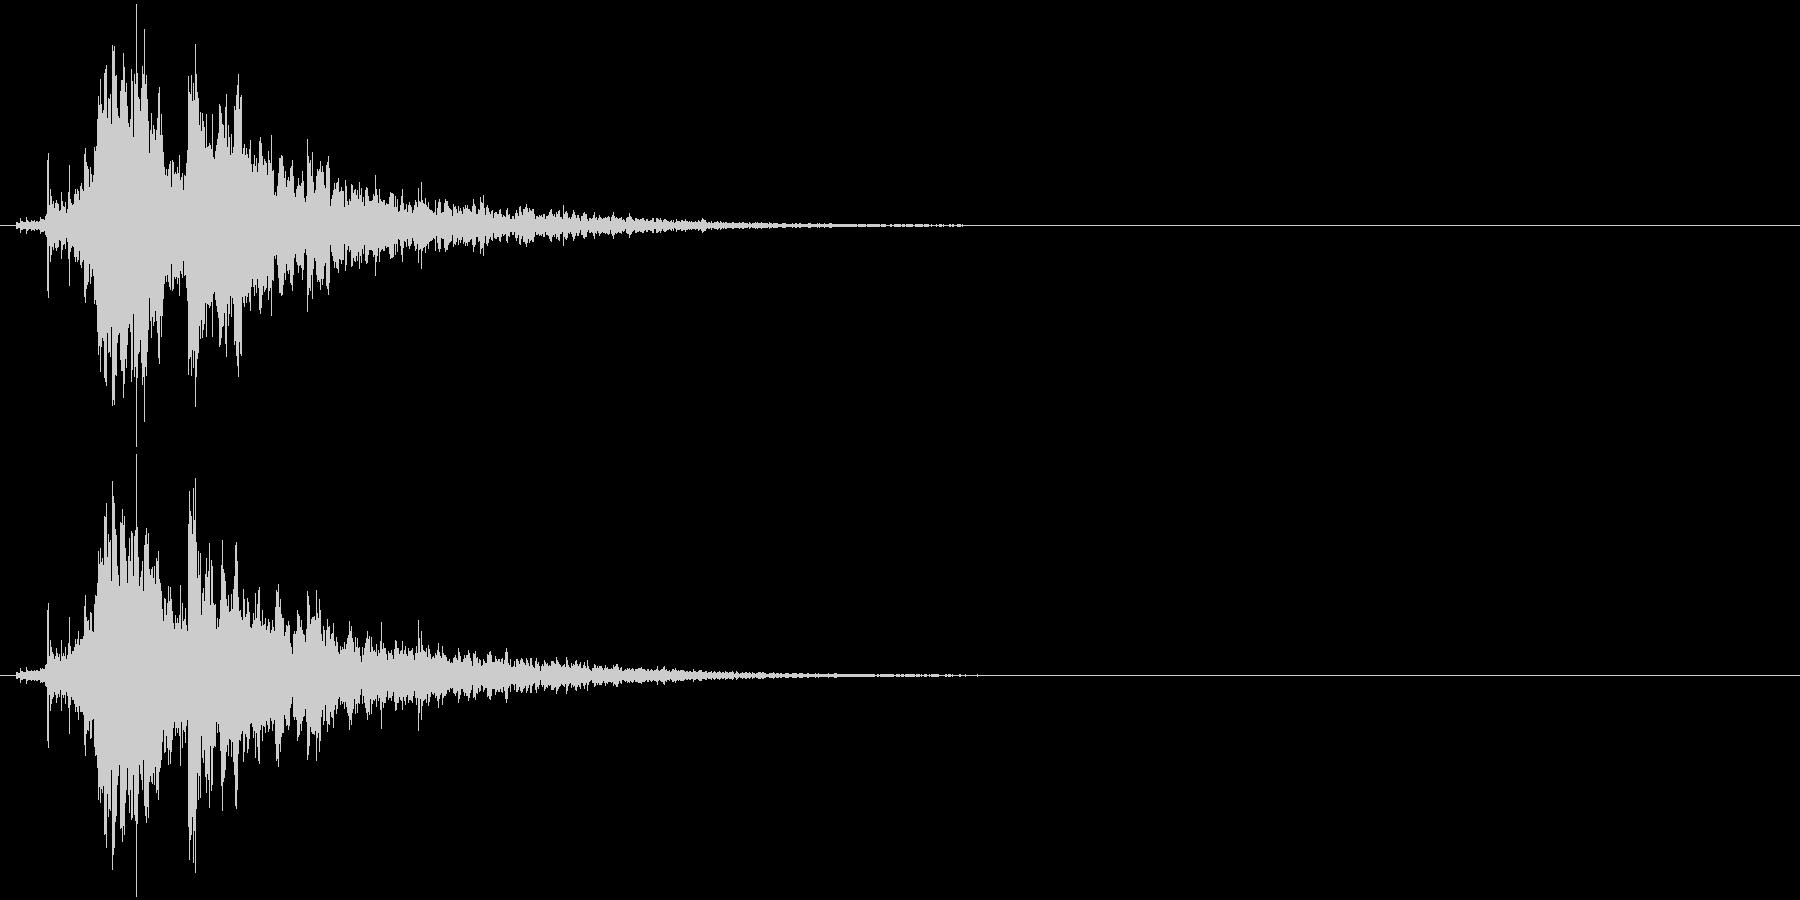 「シャラーン!」象徴的な鈴の音+リバーブの未再生の波形